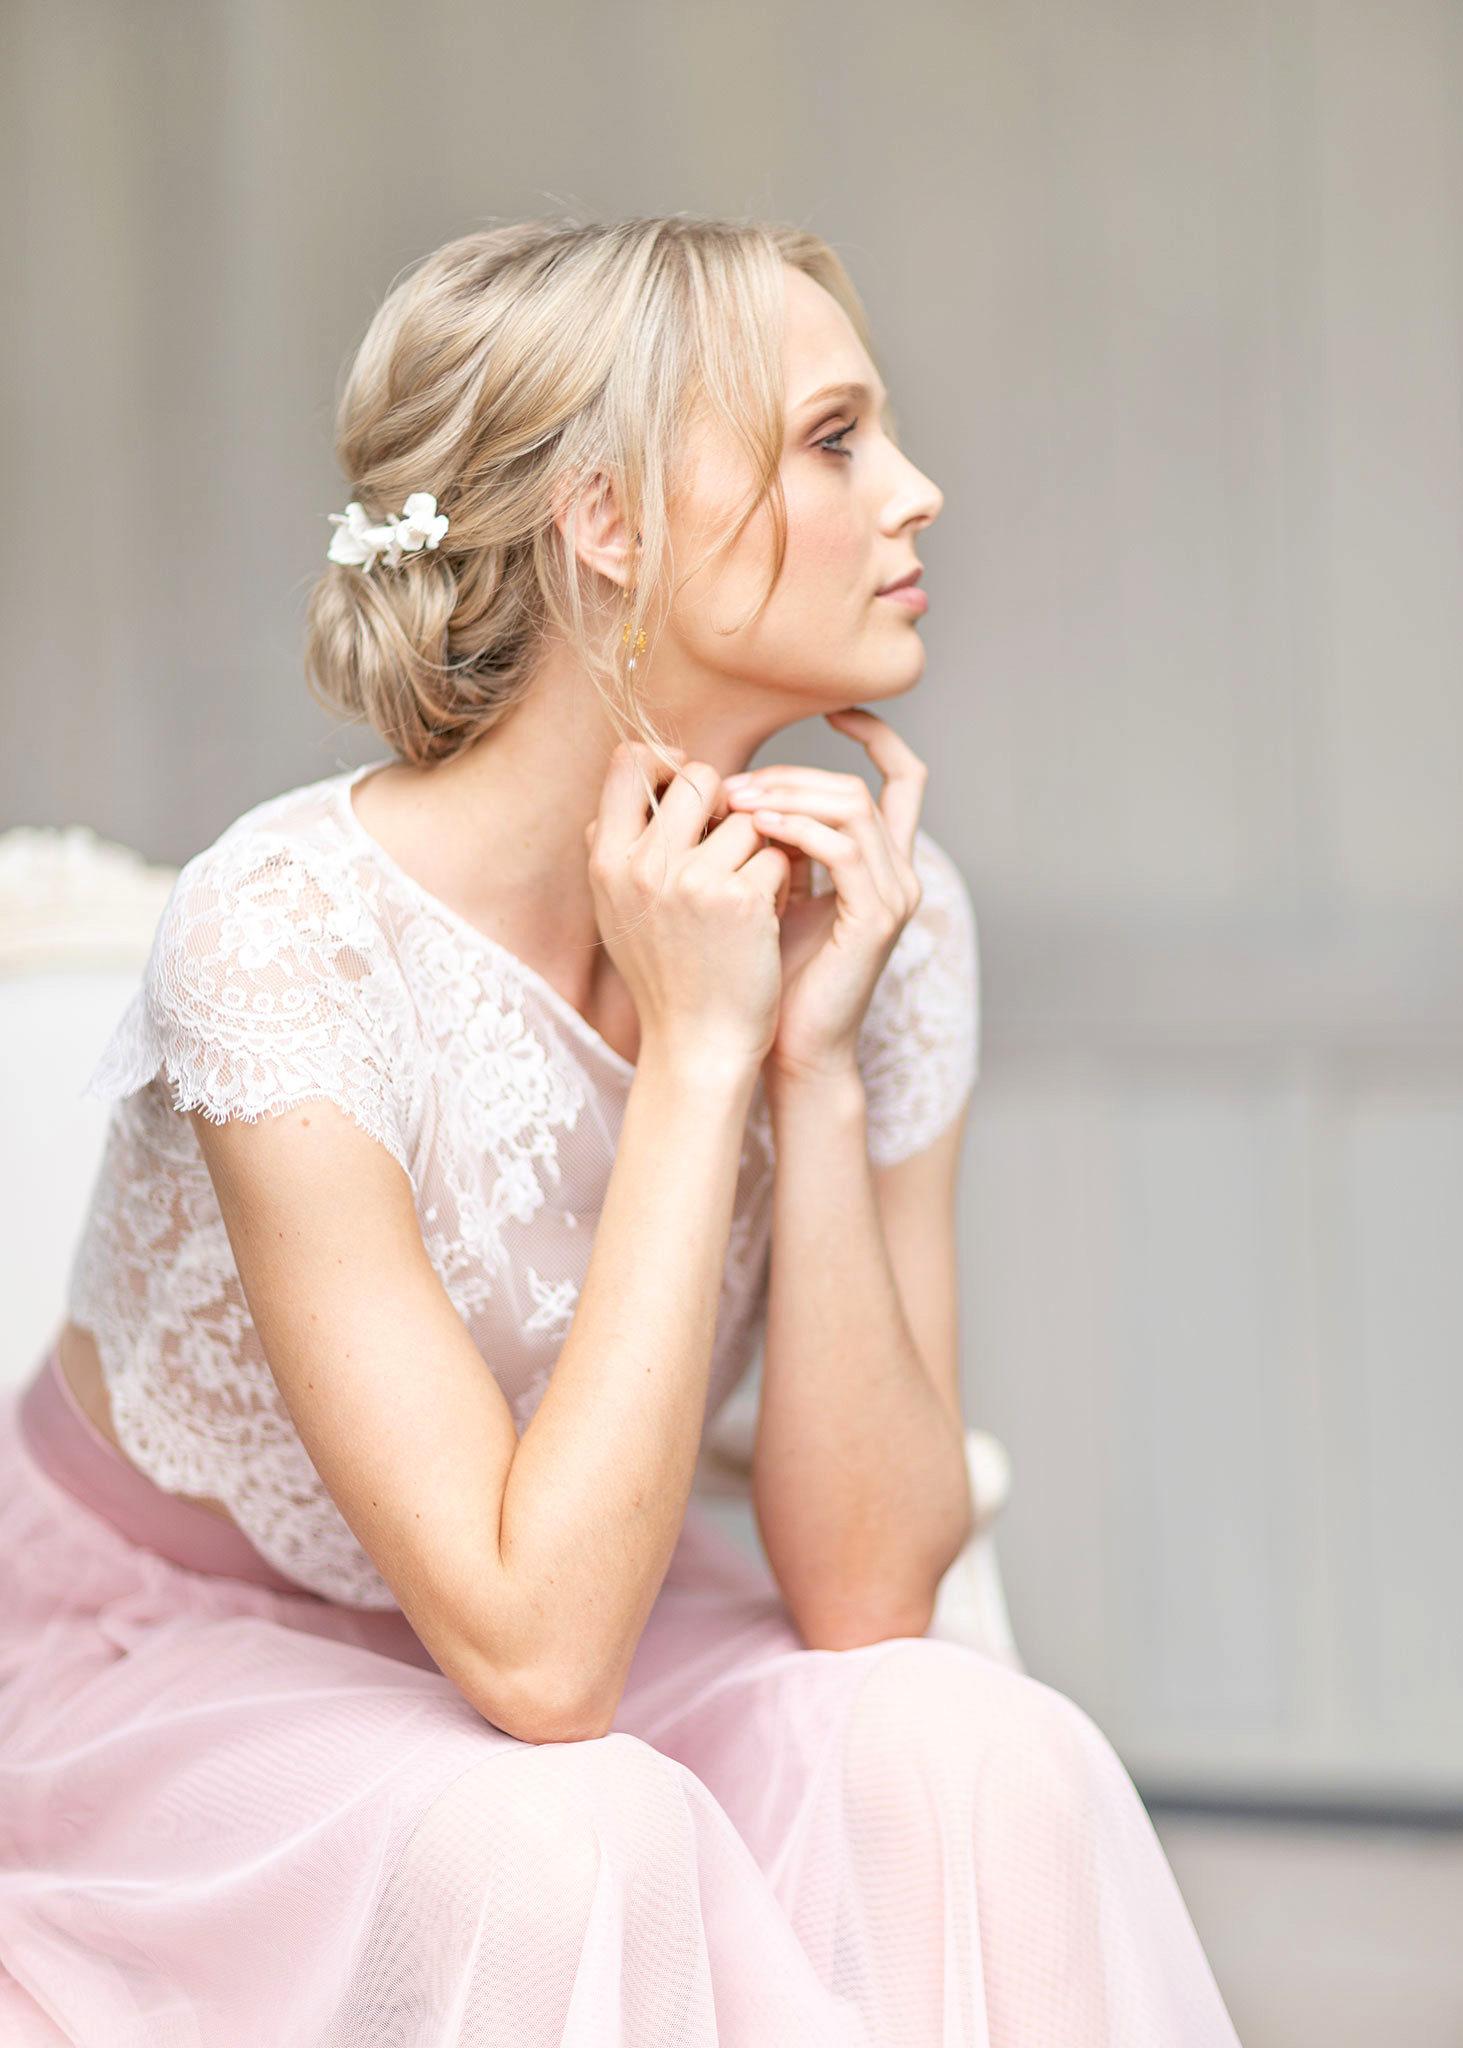 Portrait einer jungen, sehr eleganten Frau. Blick in die Kamera, toller Haarschmuck, Top aus Spitze, Brautstyle, stylisch, verträumt, romantisch, zeitlos, Portraits, Portraitfotograf Ernst Merkhofer